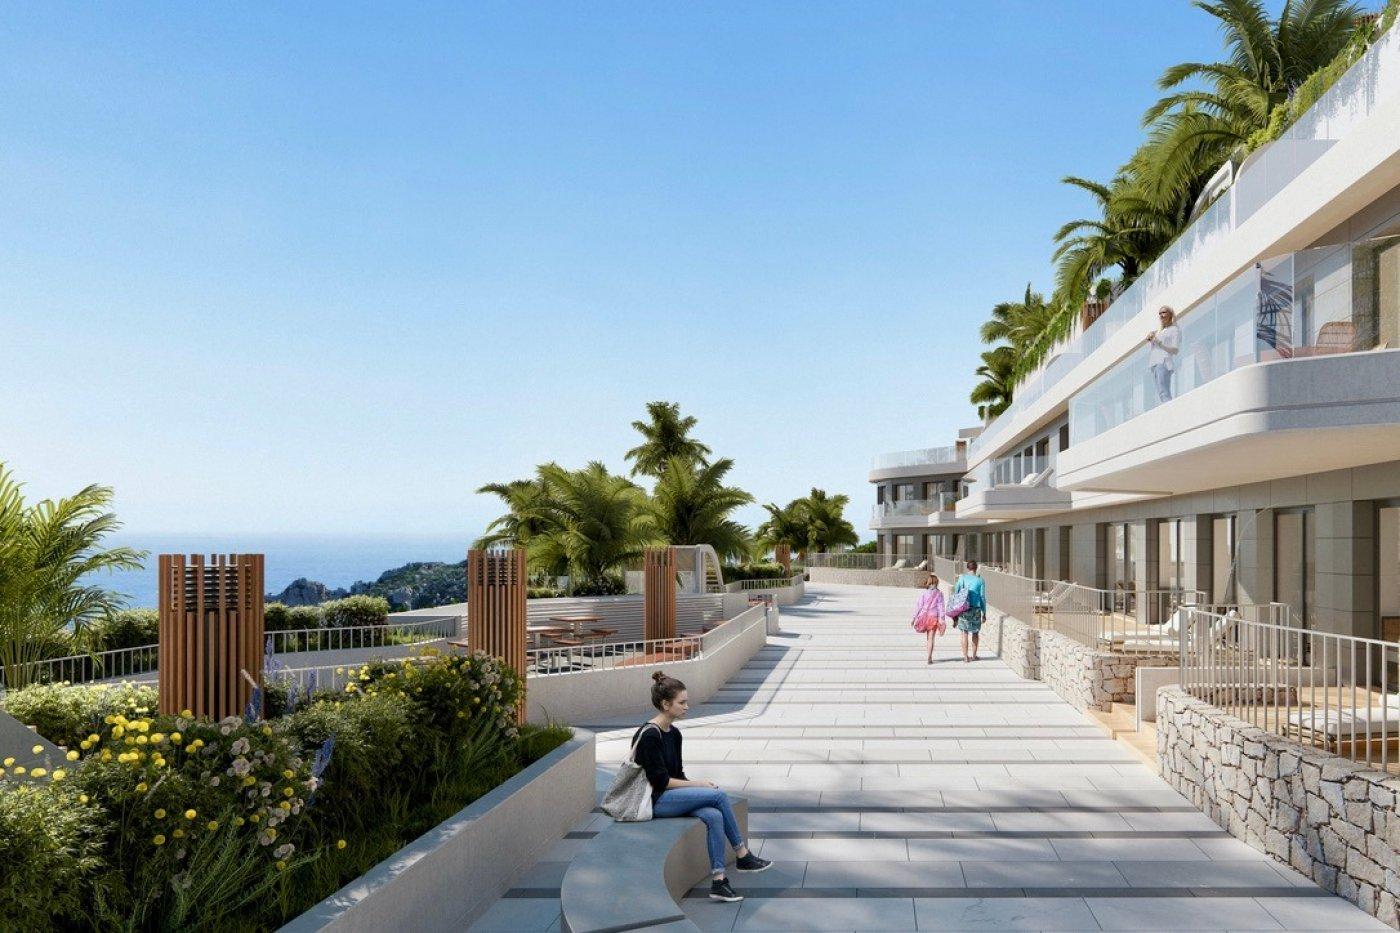 Galleribillede 8 of Exceptionel 2 etagers 4 vær luksus lejlighed, panorama udsigt, 58 m2 og 24 m2 solterrasser